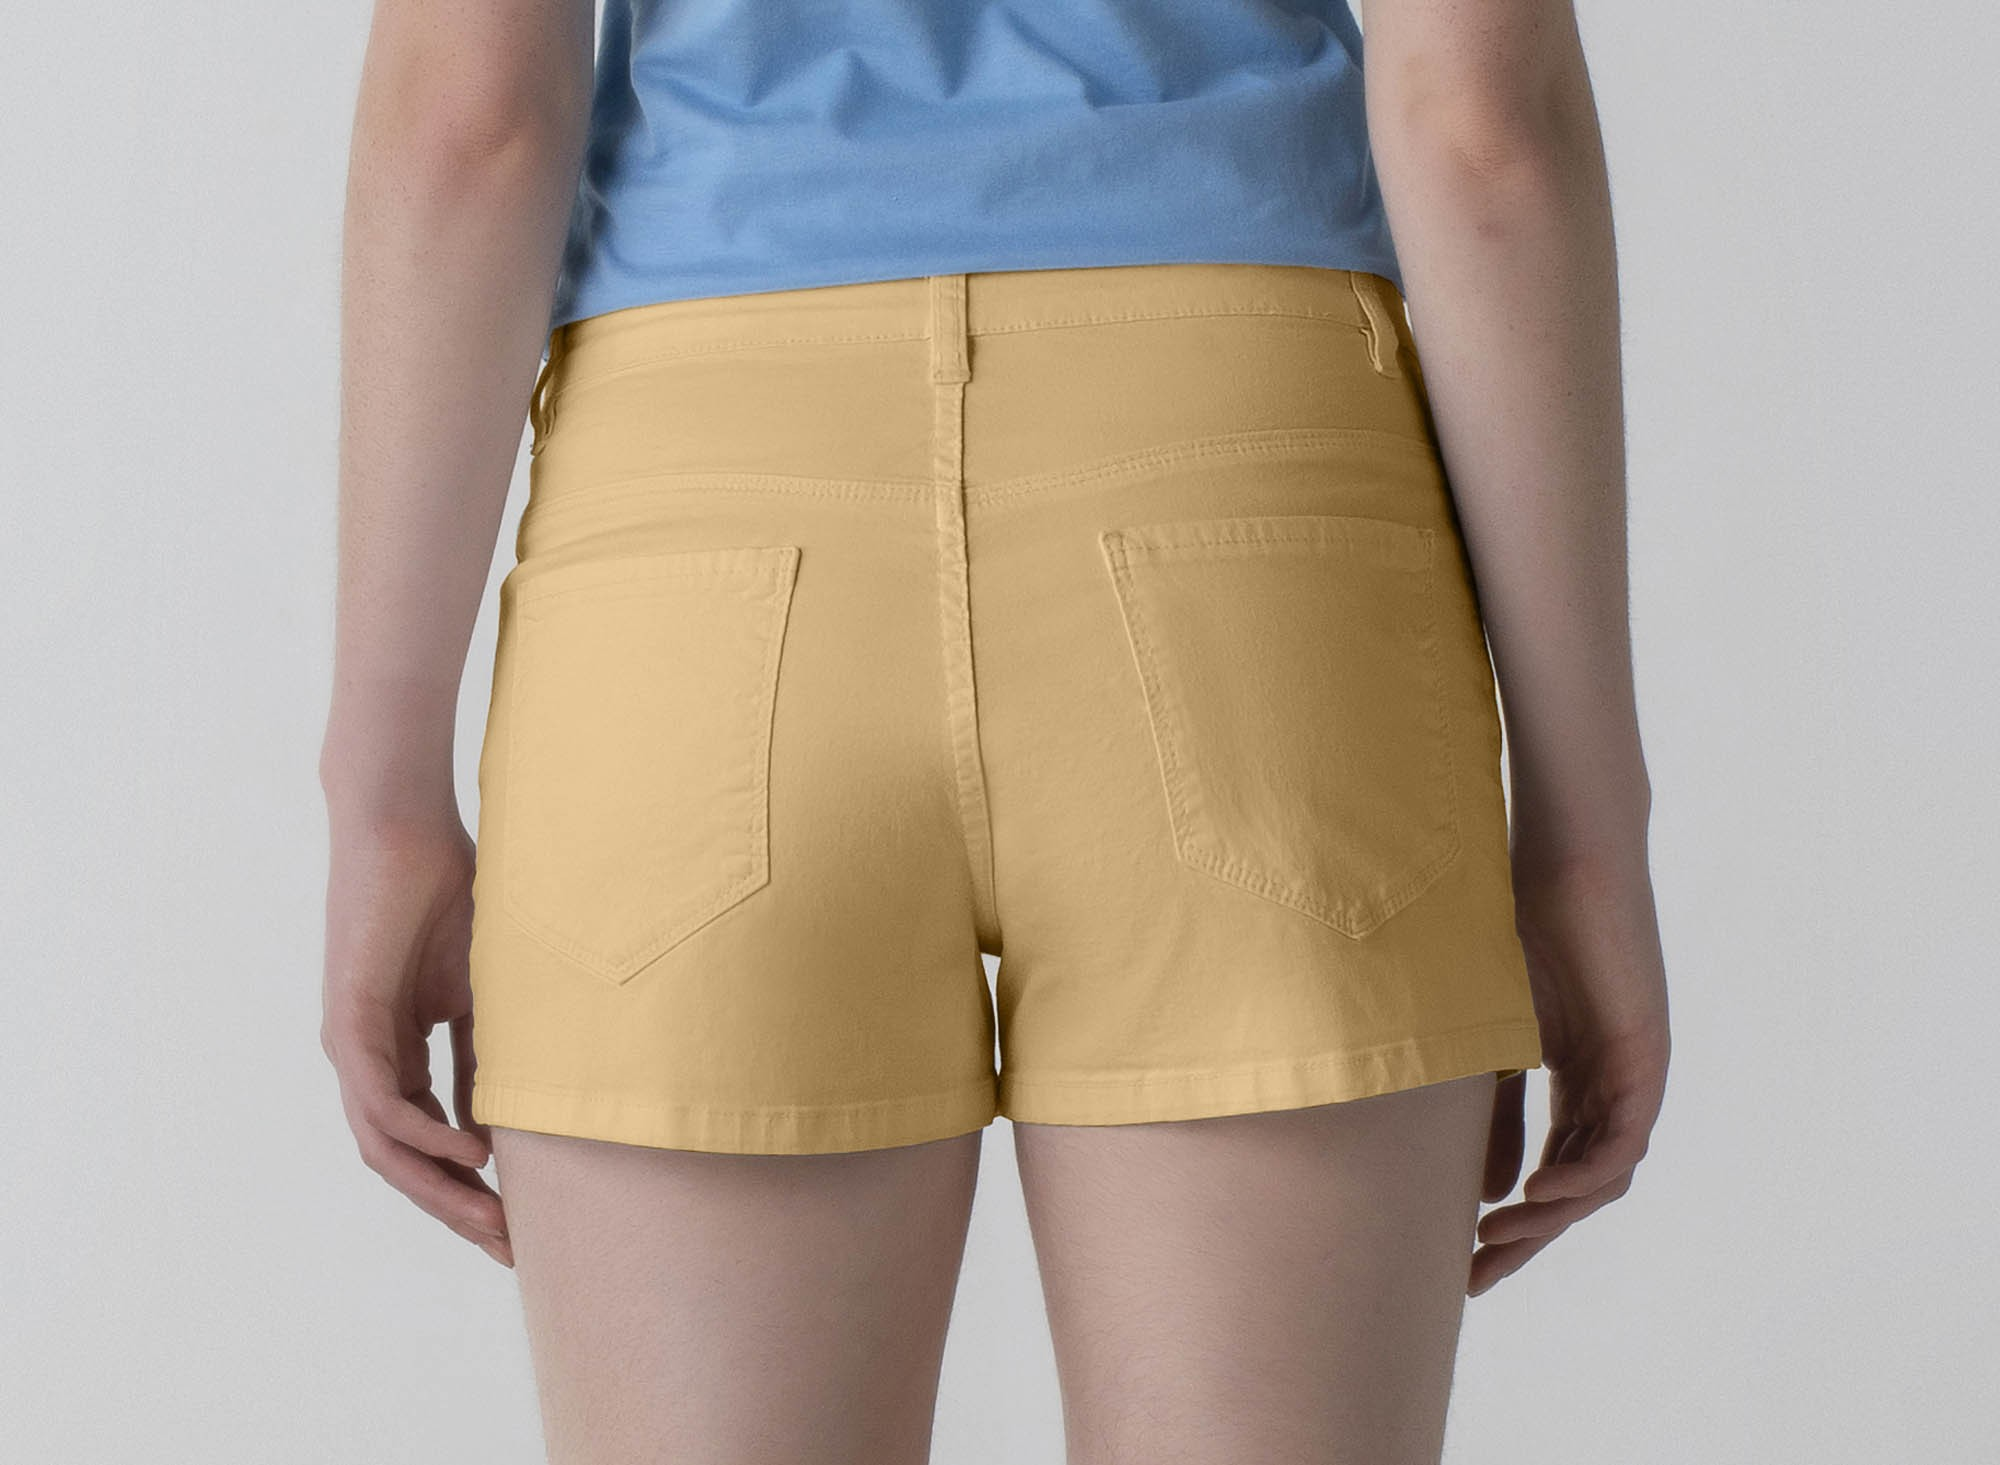 Shorts sarja curto - Daily